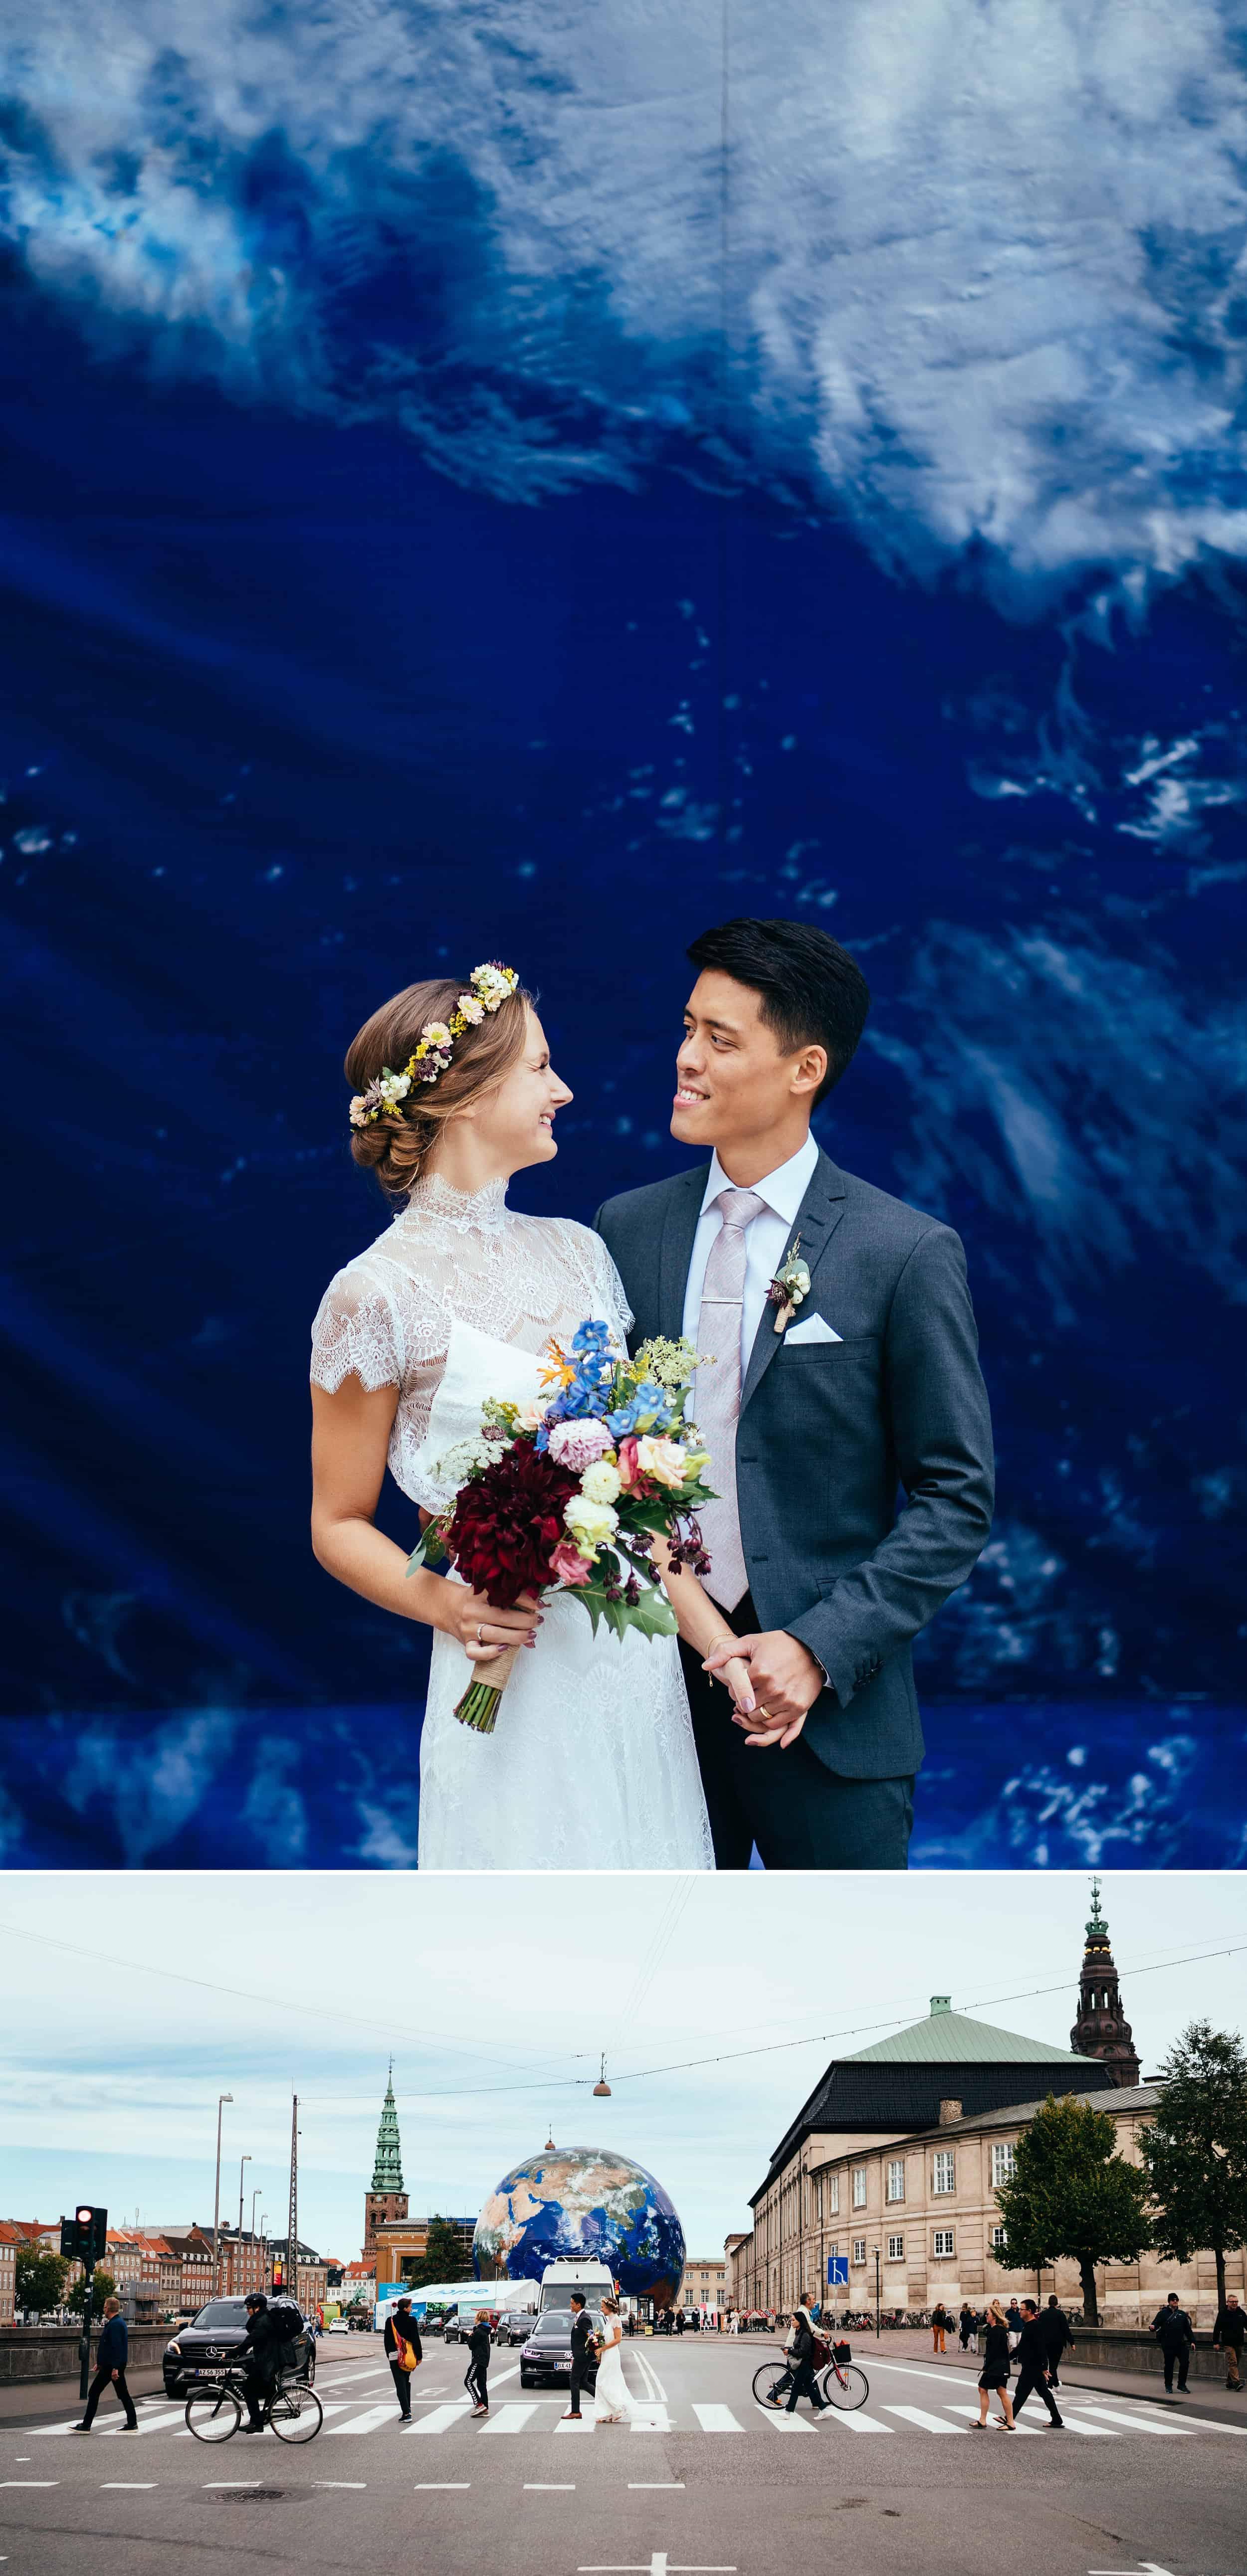 brudepar-urbant-bryllupsbillede-fotograf-københavn.jpg